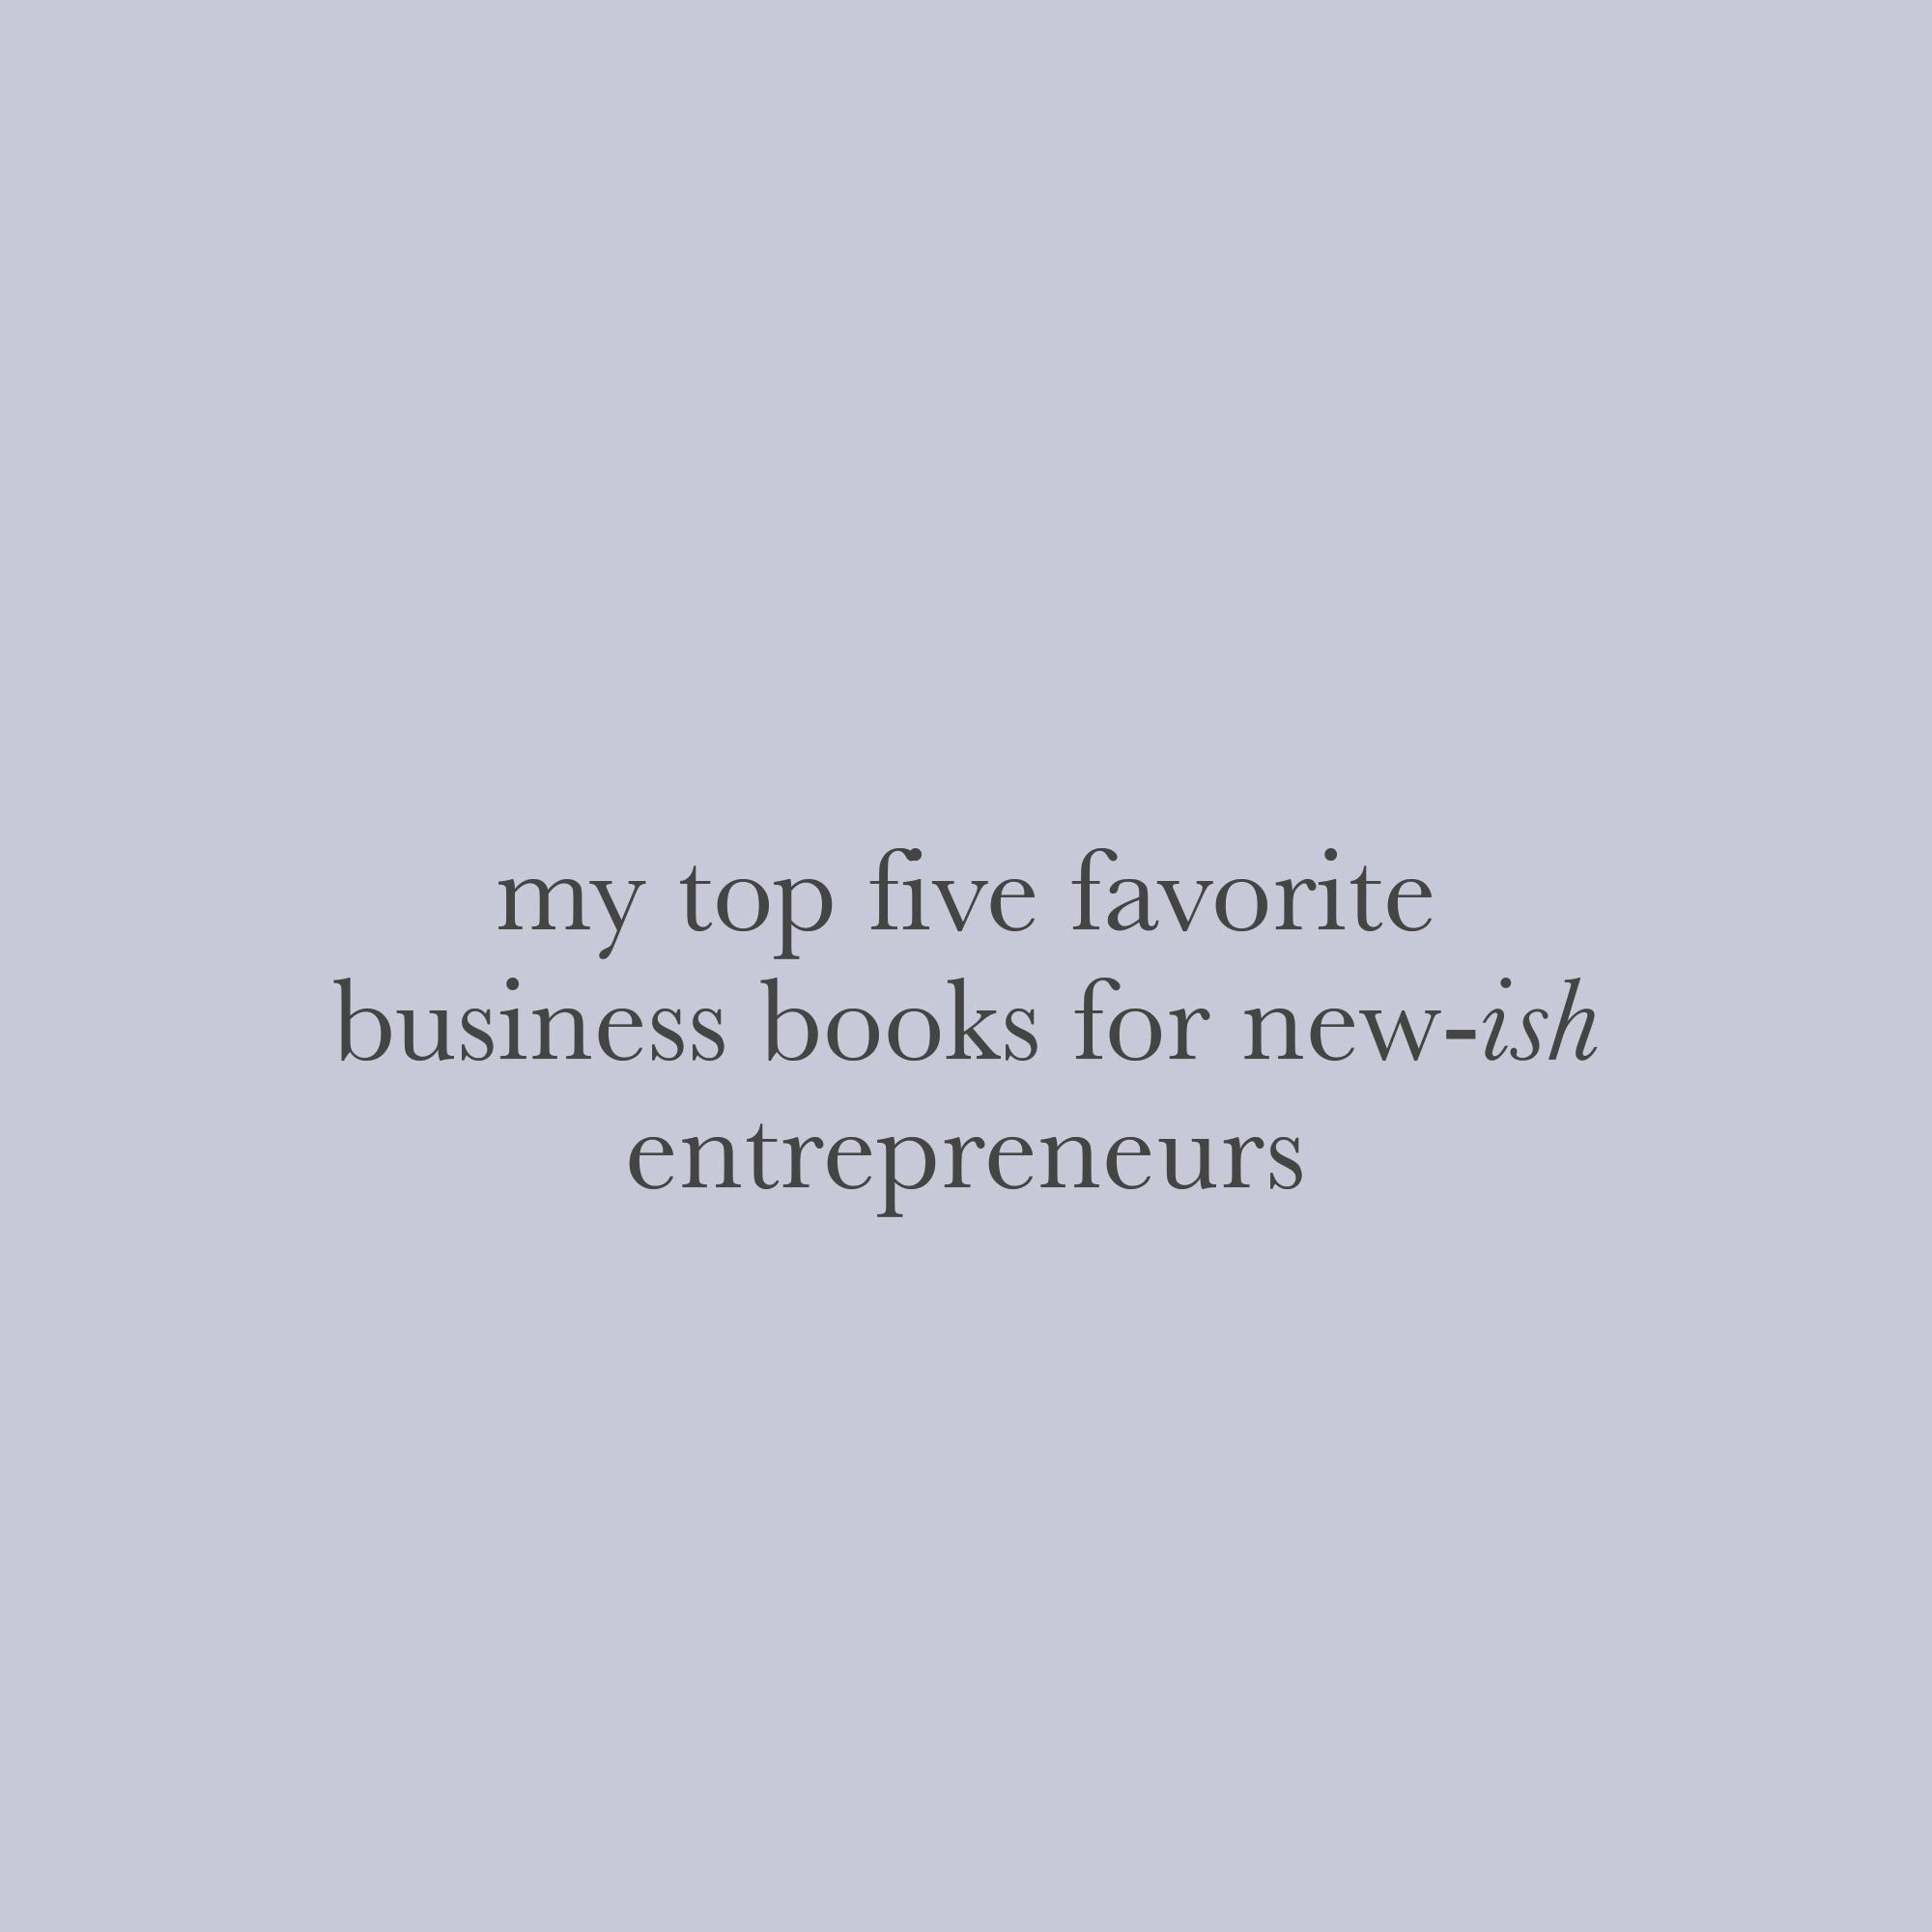 favorite-business-books-for-entrepreneurs-alisha-nicole.jpg